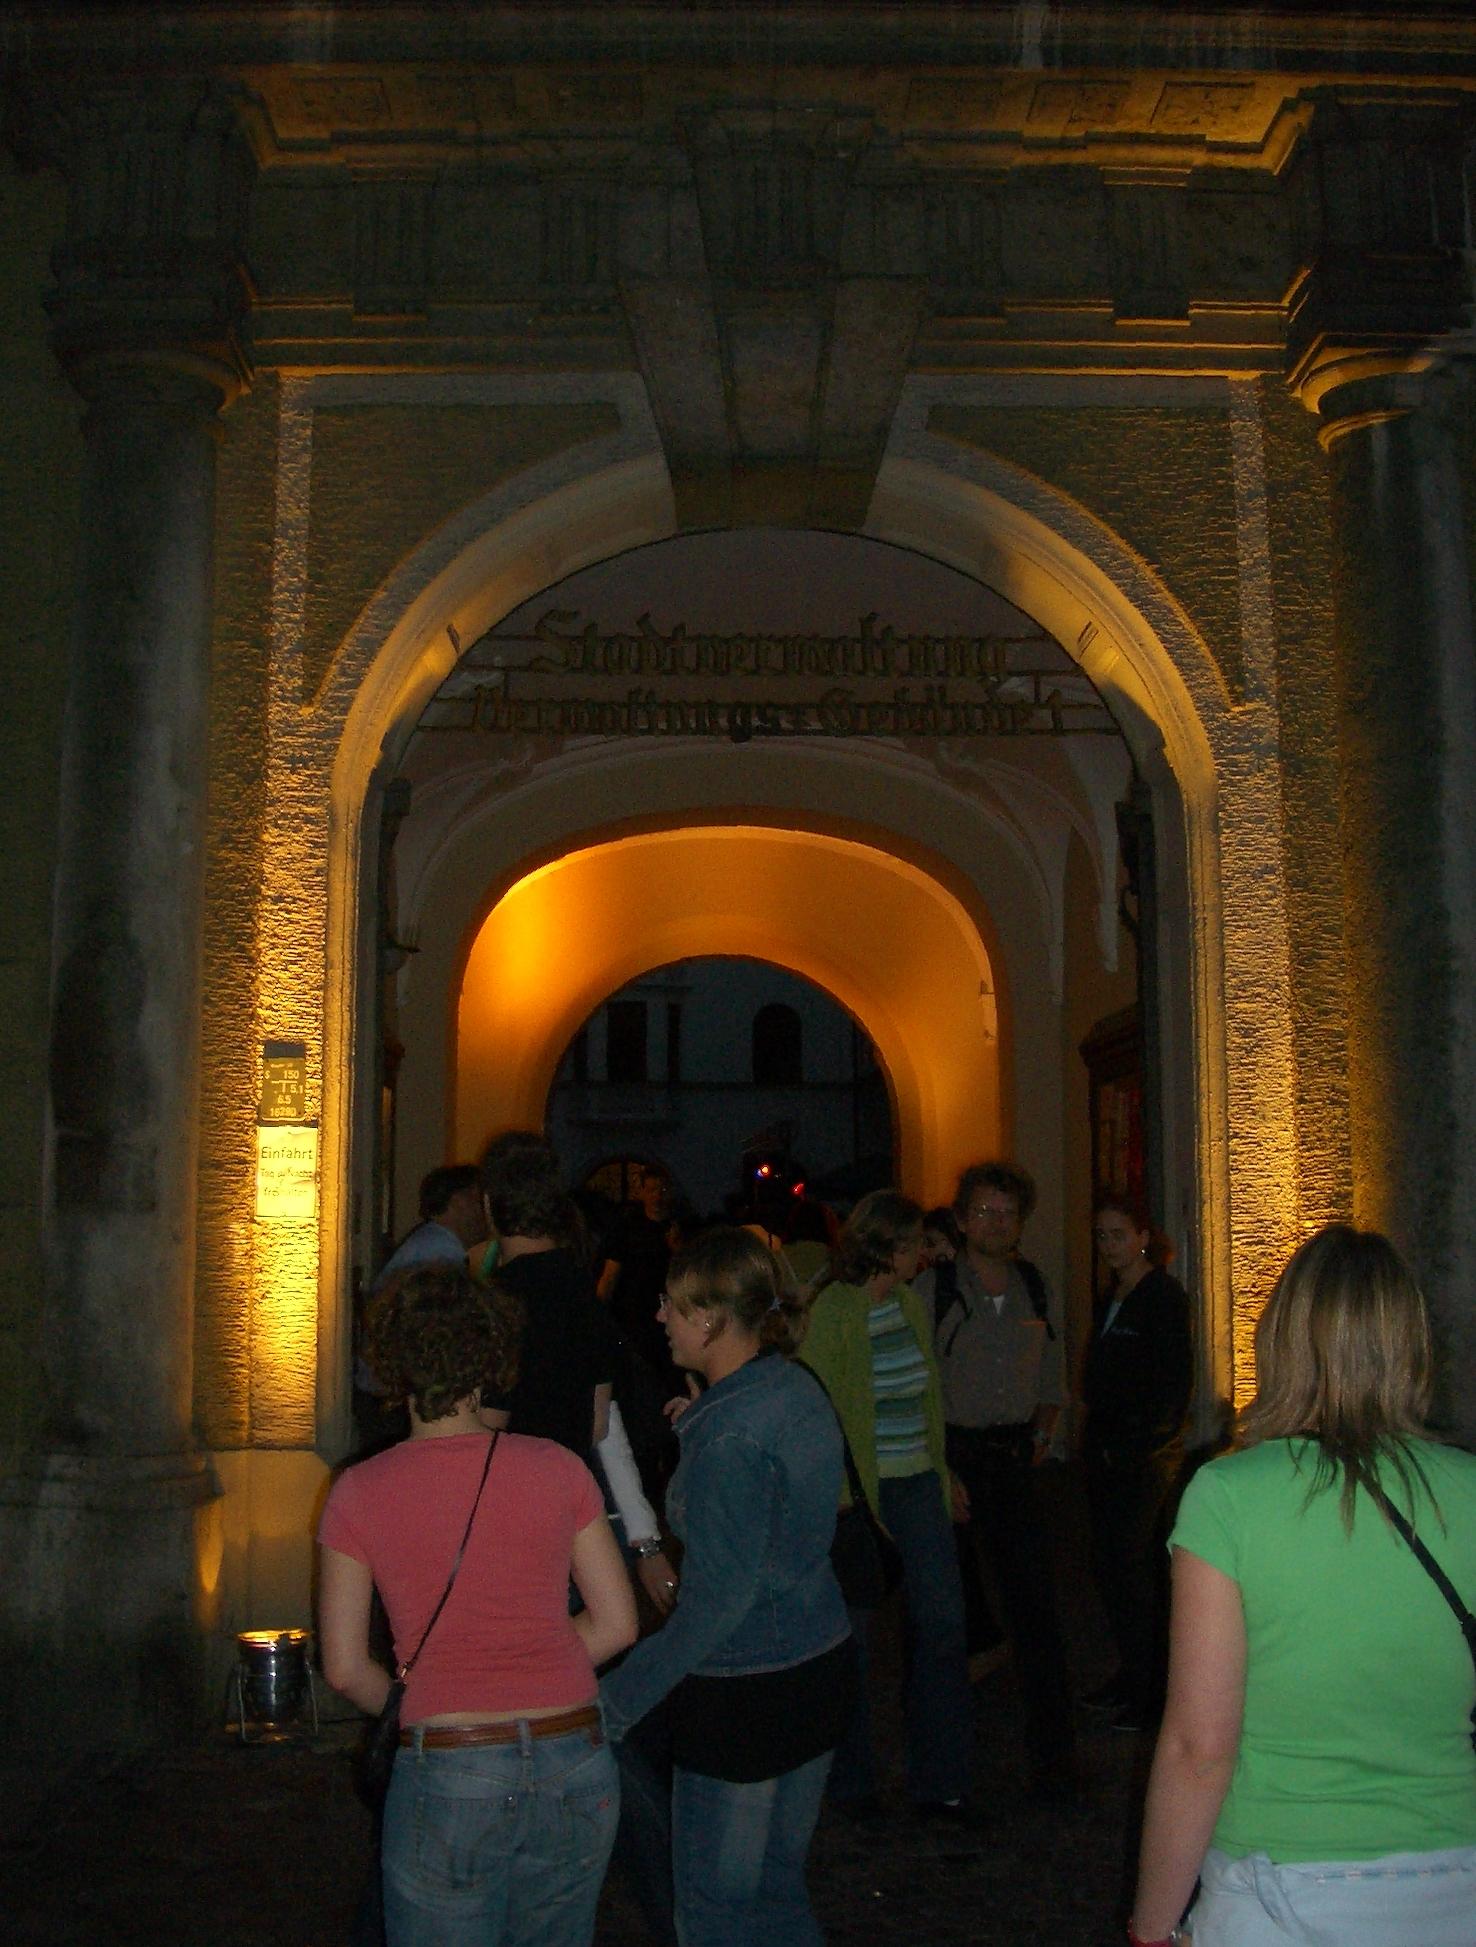 Konzerte im Bürgerhof 2006 - Freiwilligen-Zentrum Augsburg - Foto: Wolfgang F. Lightmaster